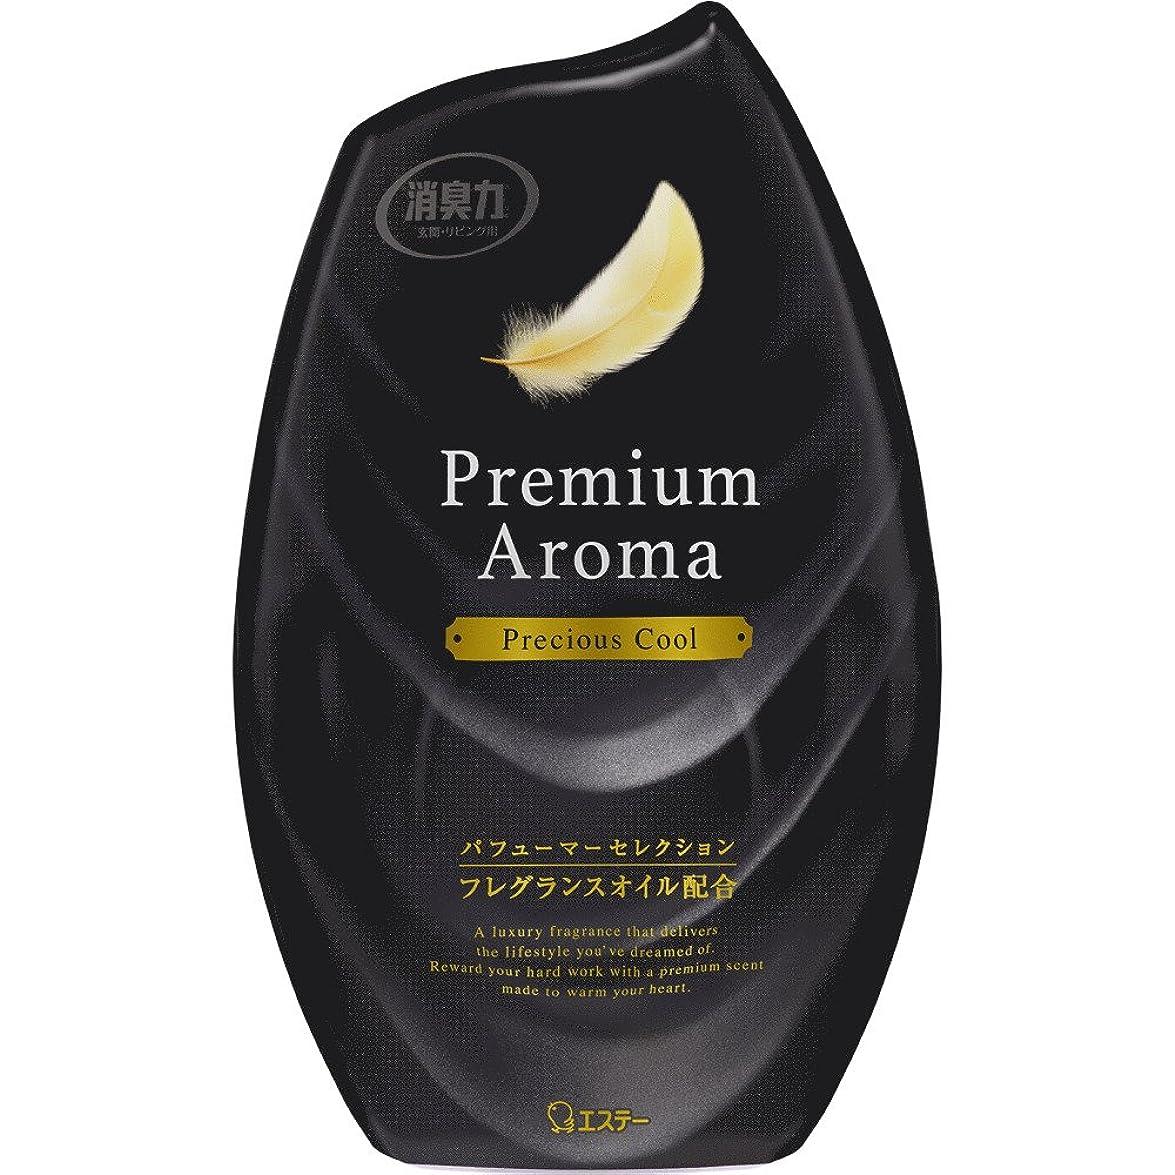 襲撃冒険者原稿お部屋の消臭力 プレミアムアロマ Premium Aroma 消臭芳香剤 部屋用 部屋 プレシャスクールの香り 400ml